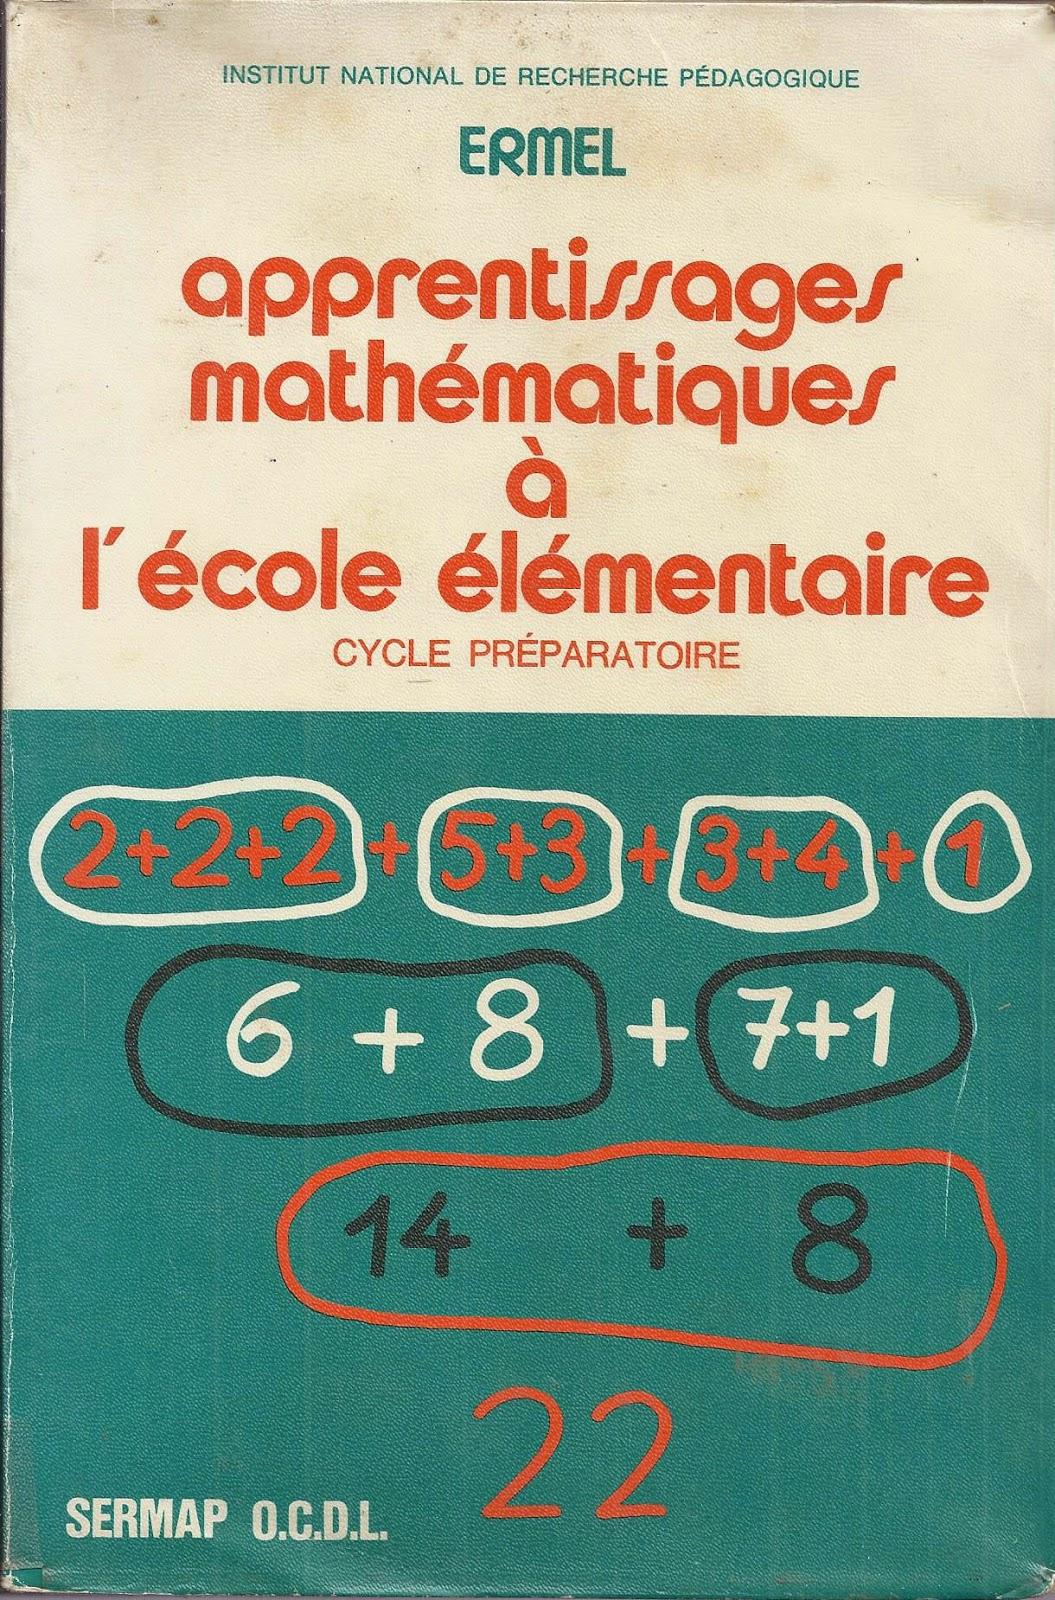 Calcul au primaire, Buisson, méthode intuitive...par Michel Delord. ERMEL%2BCP%2B19770001